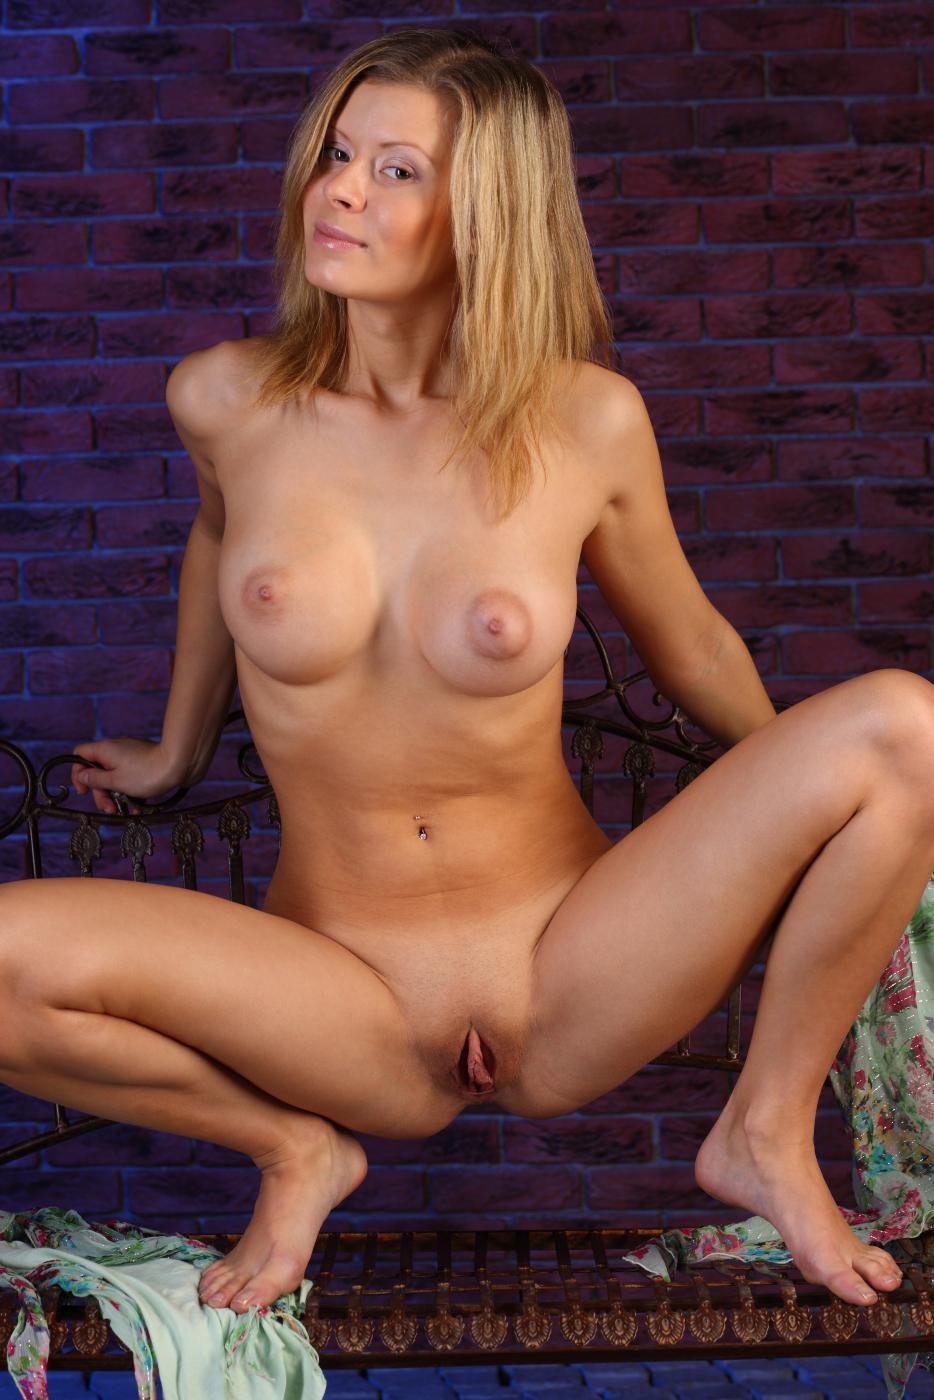 Сисястая блондинка Oliwia A демонстрирует прекрасную щелку своей киски перед камерой